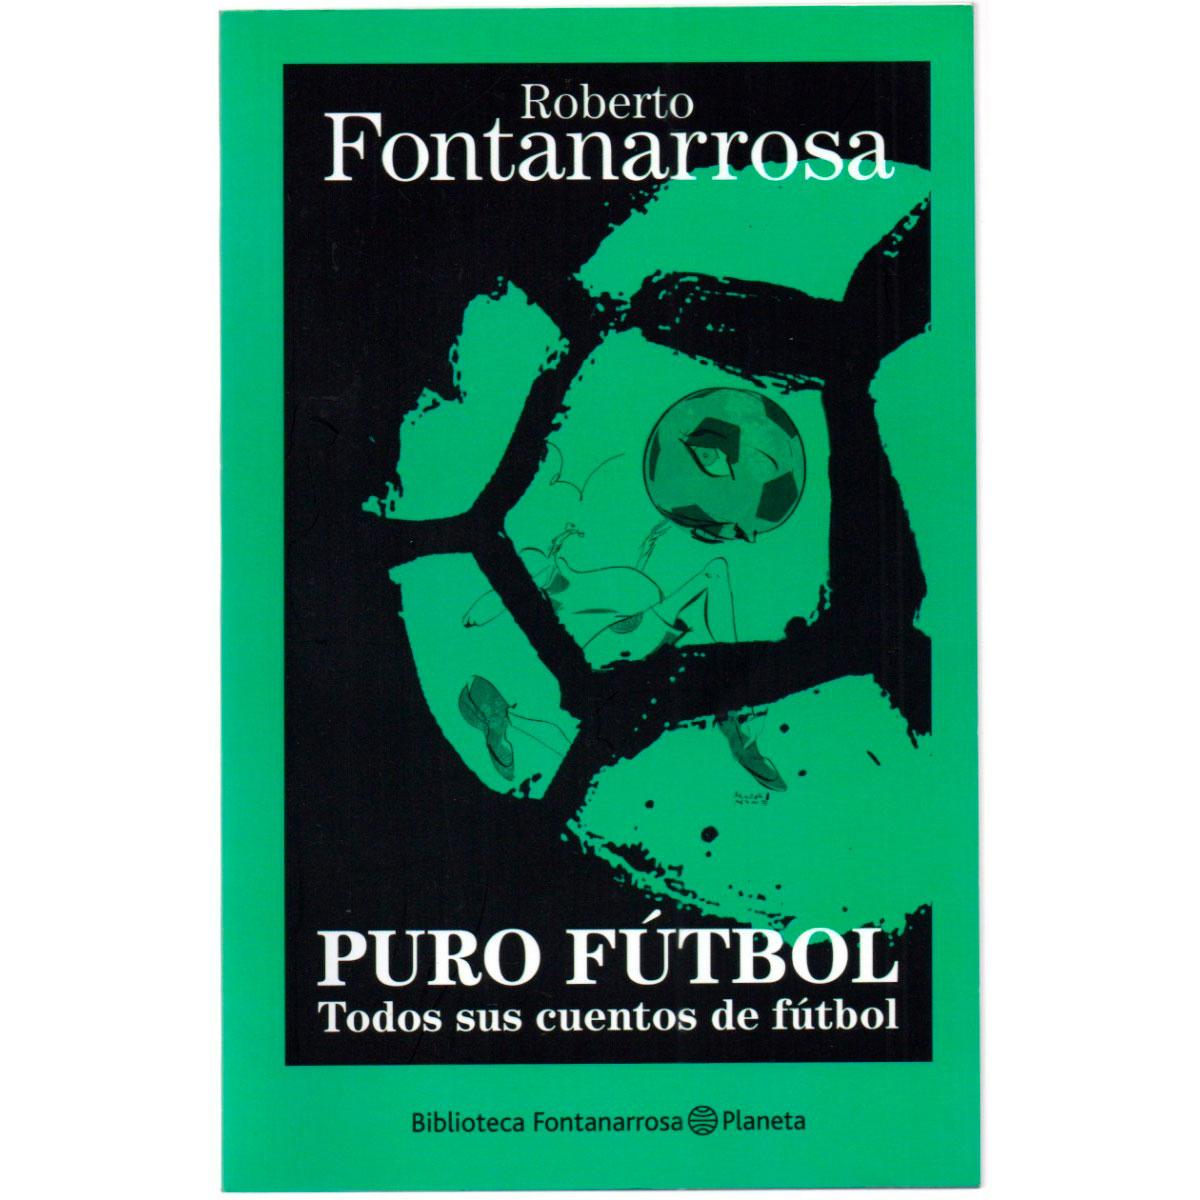 Puro Fútbol